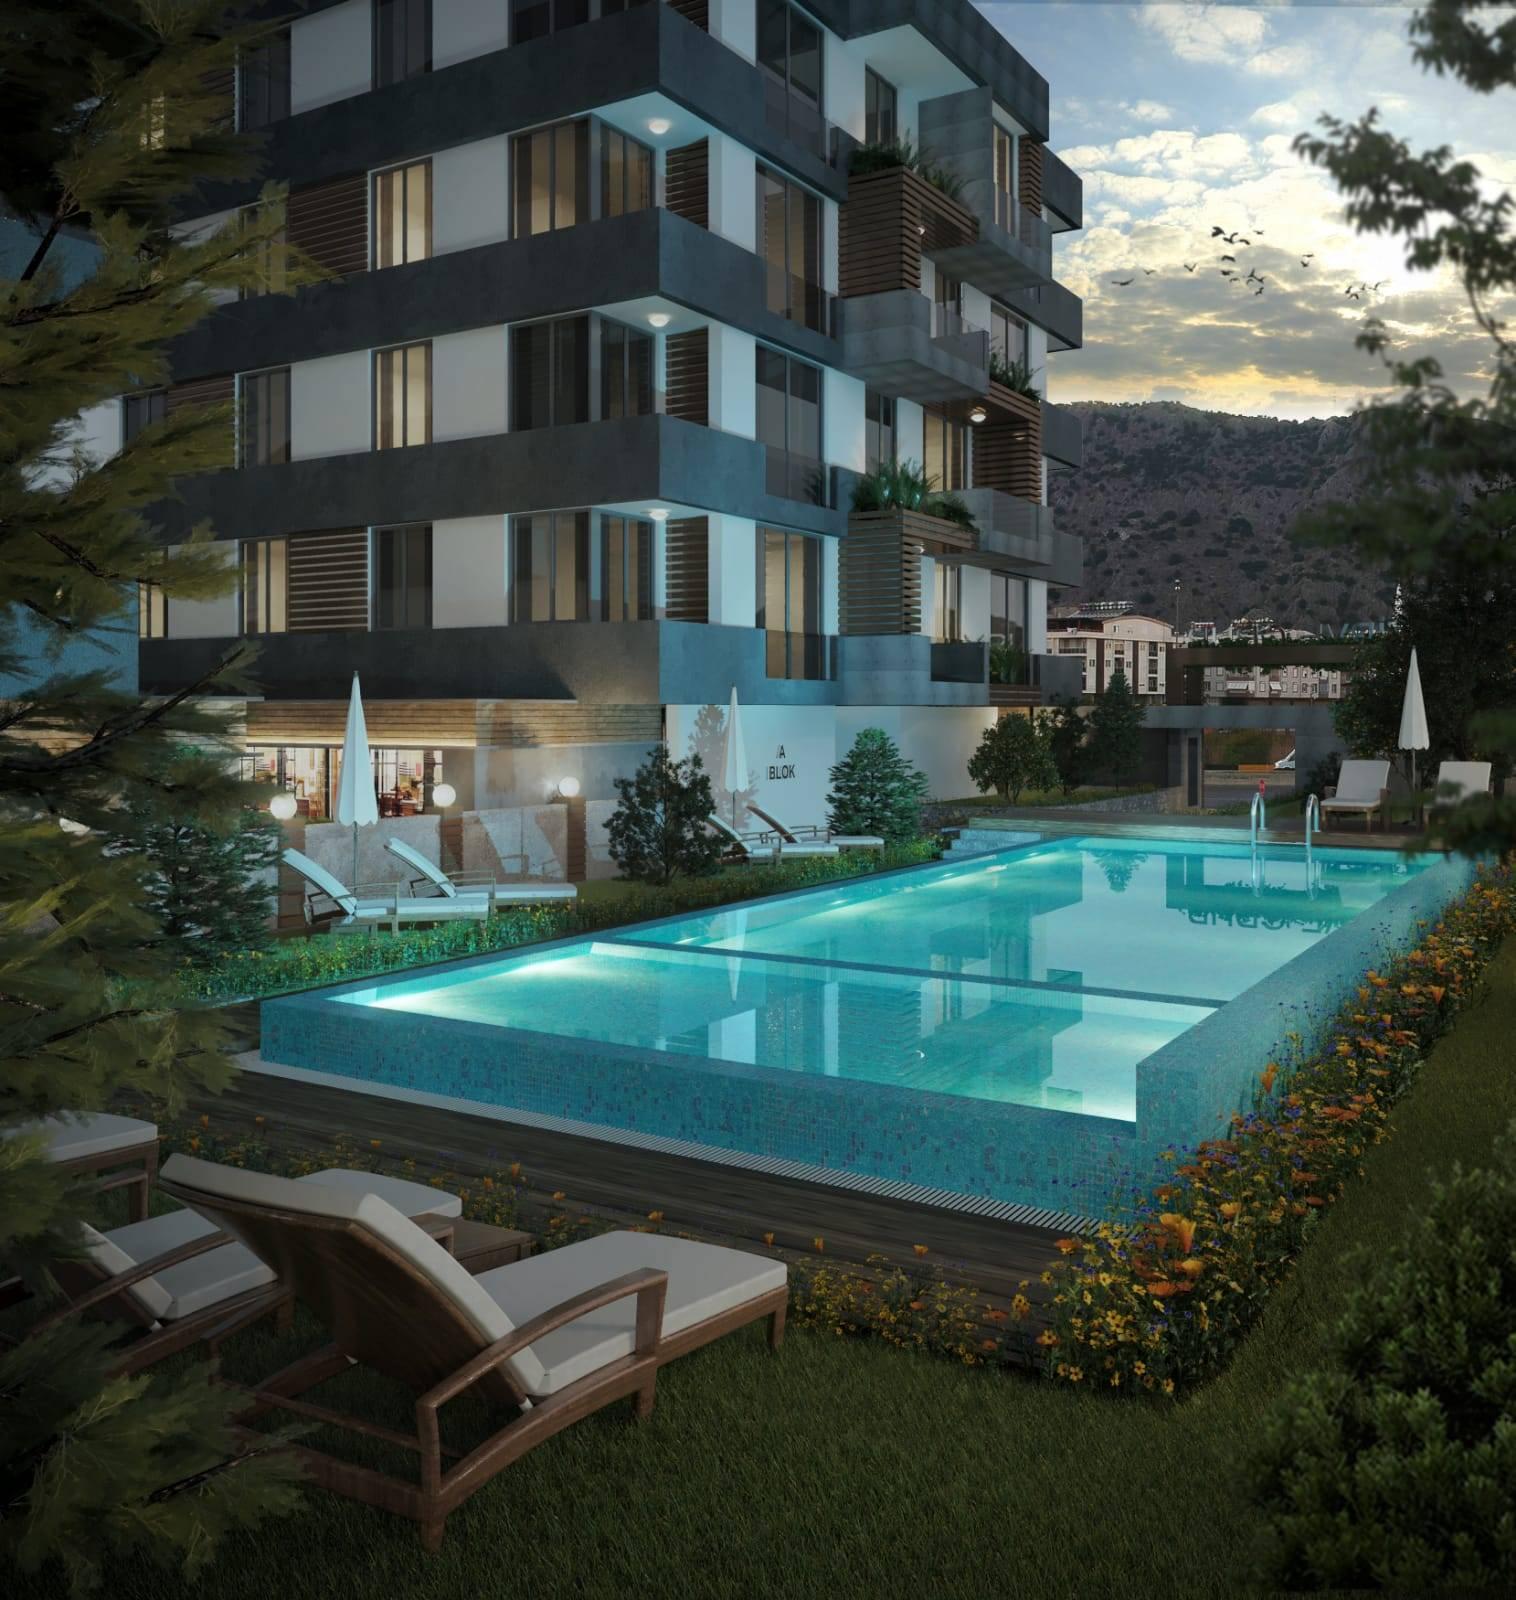 Купить квартиру, апартаменты в турции на берегу моря недорого | turk.estate